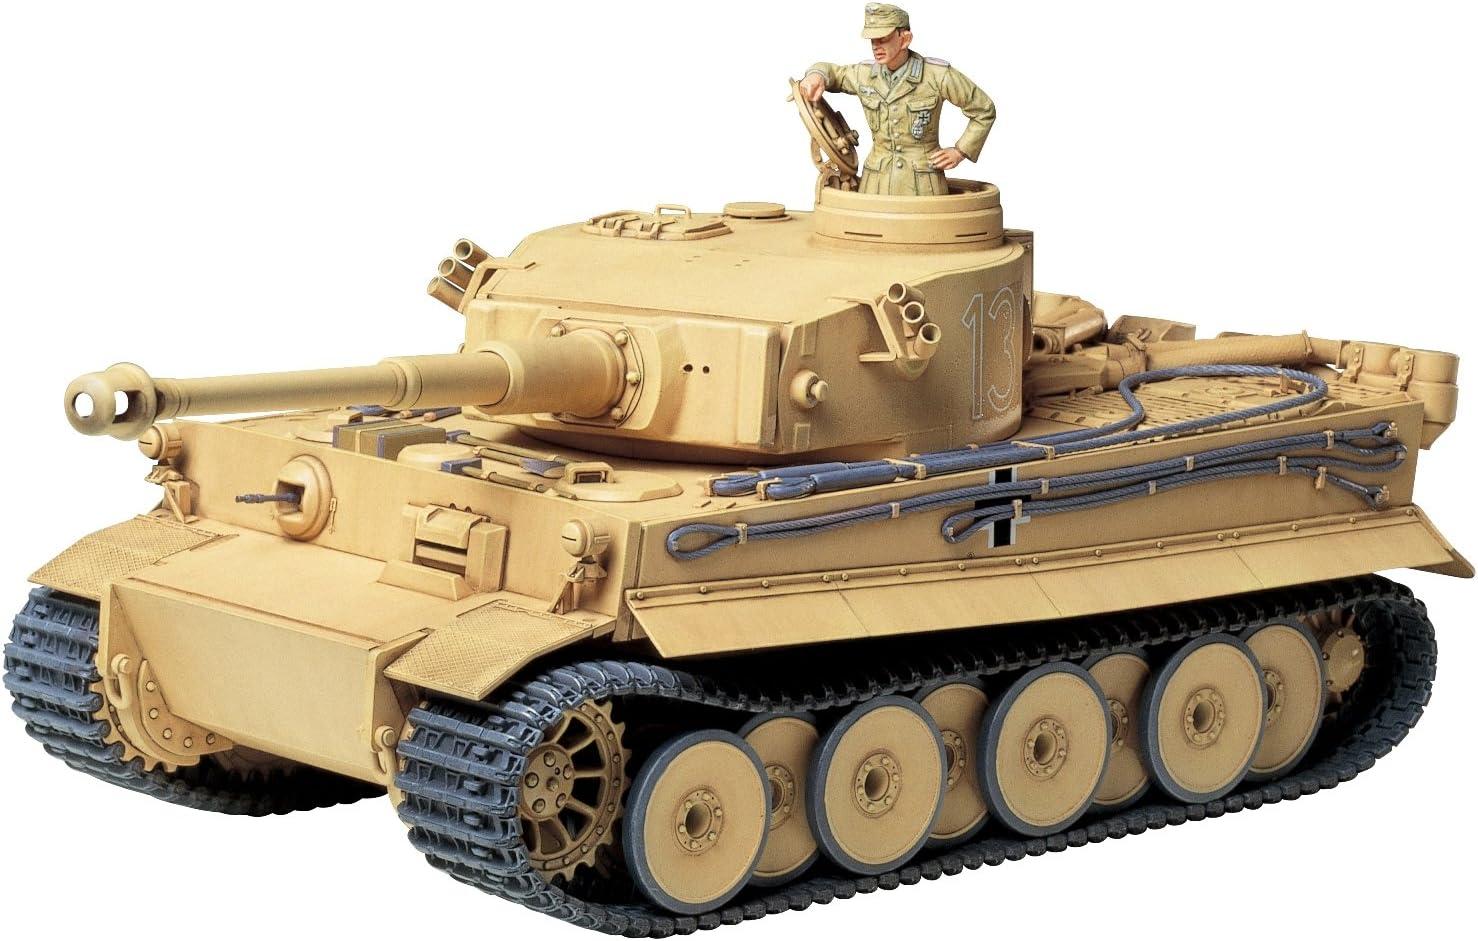 Tamiya 35227 - Maqueta de Tanque alemán Tiger I para Montar (Escala 1:35): Amazon.es: Juguetes y juegos